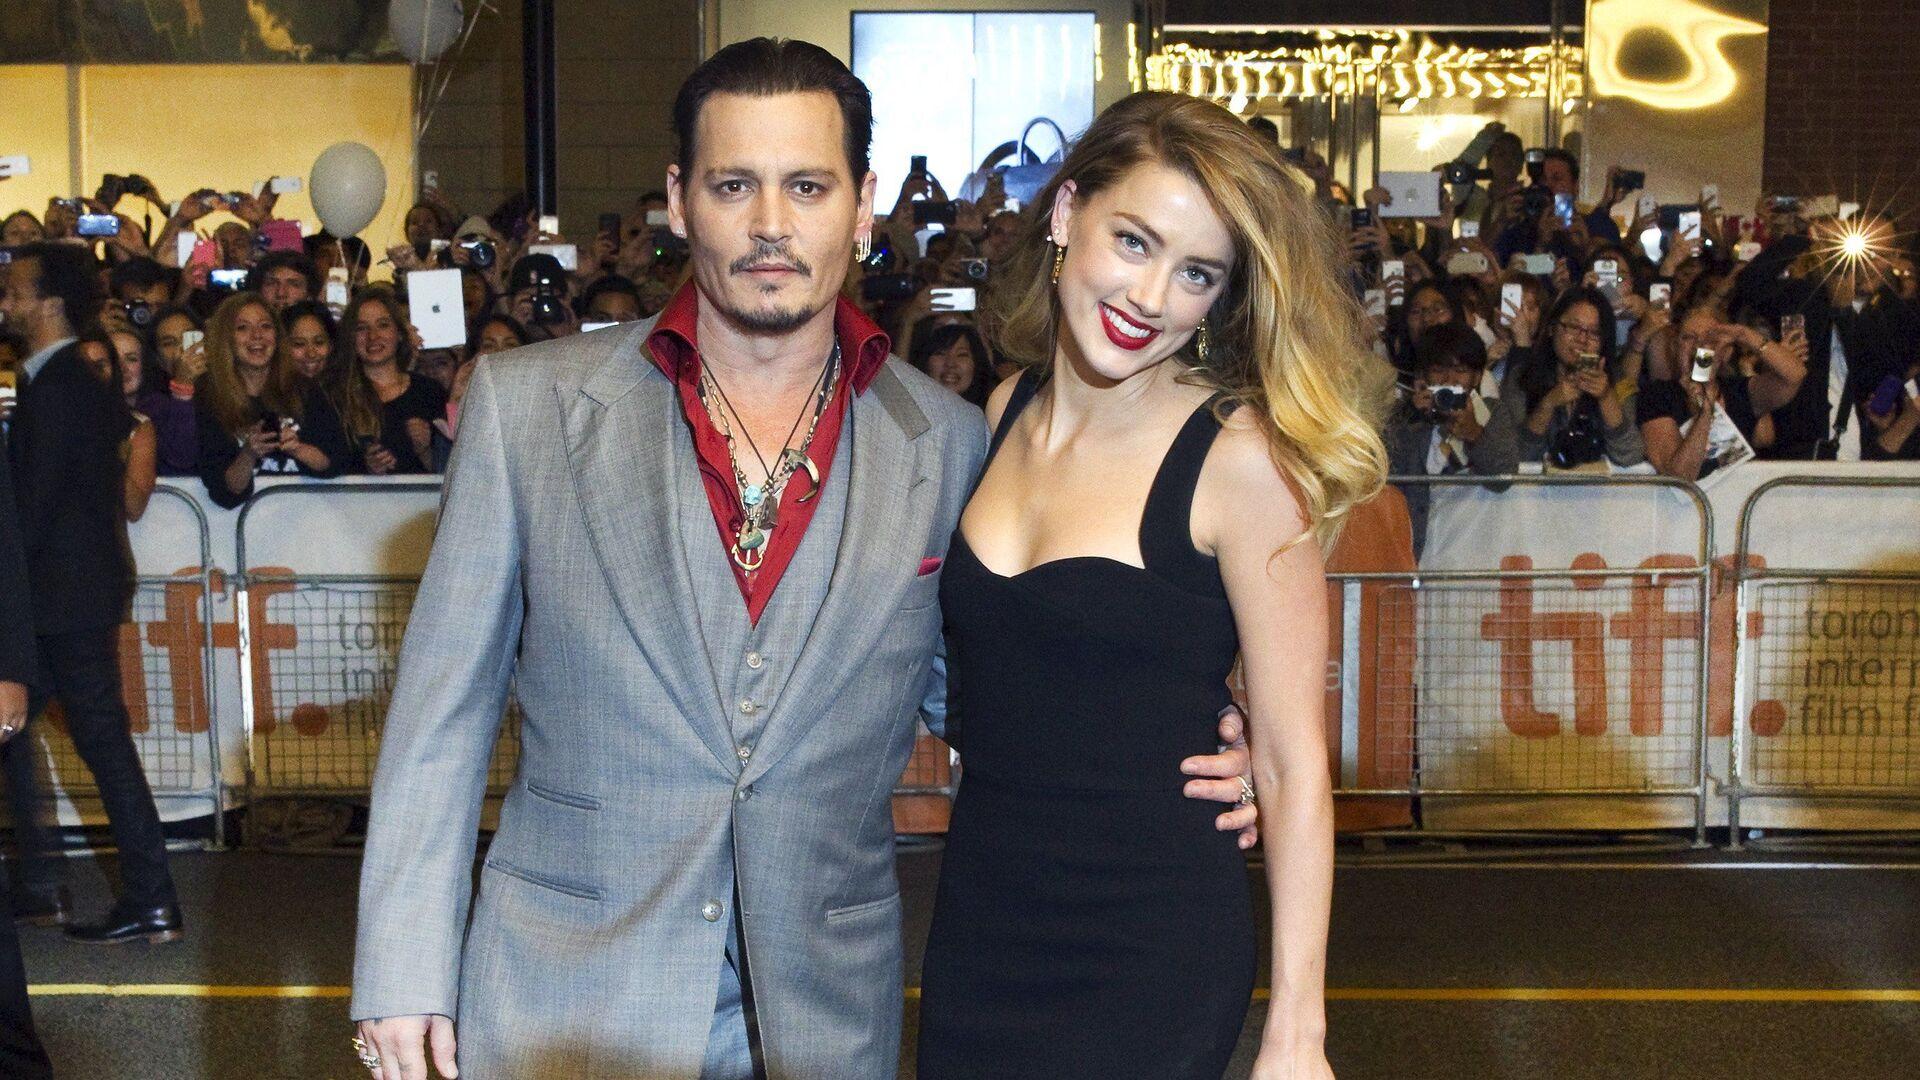 Herec Johnny Depp s Amber Heardovou - Sputnik Česká republika, 1920, 18.04.2021